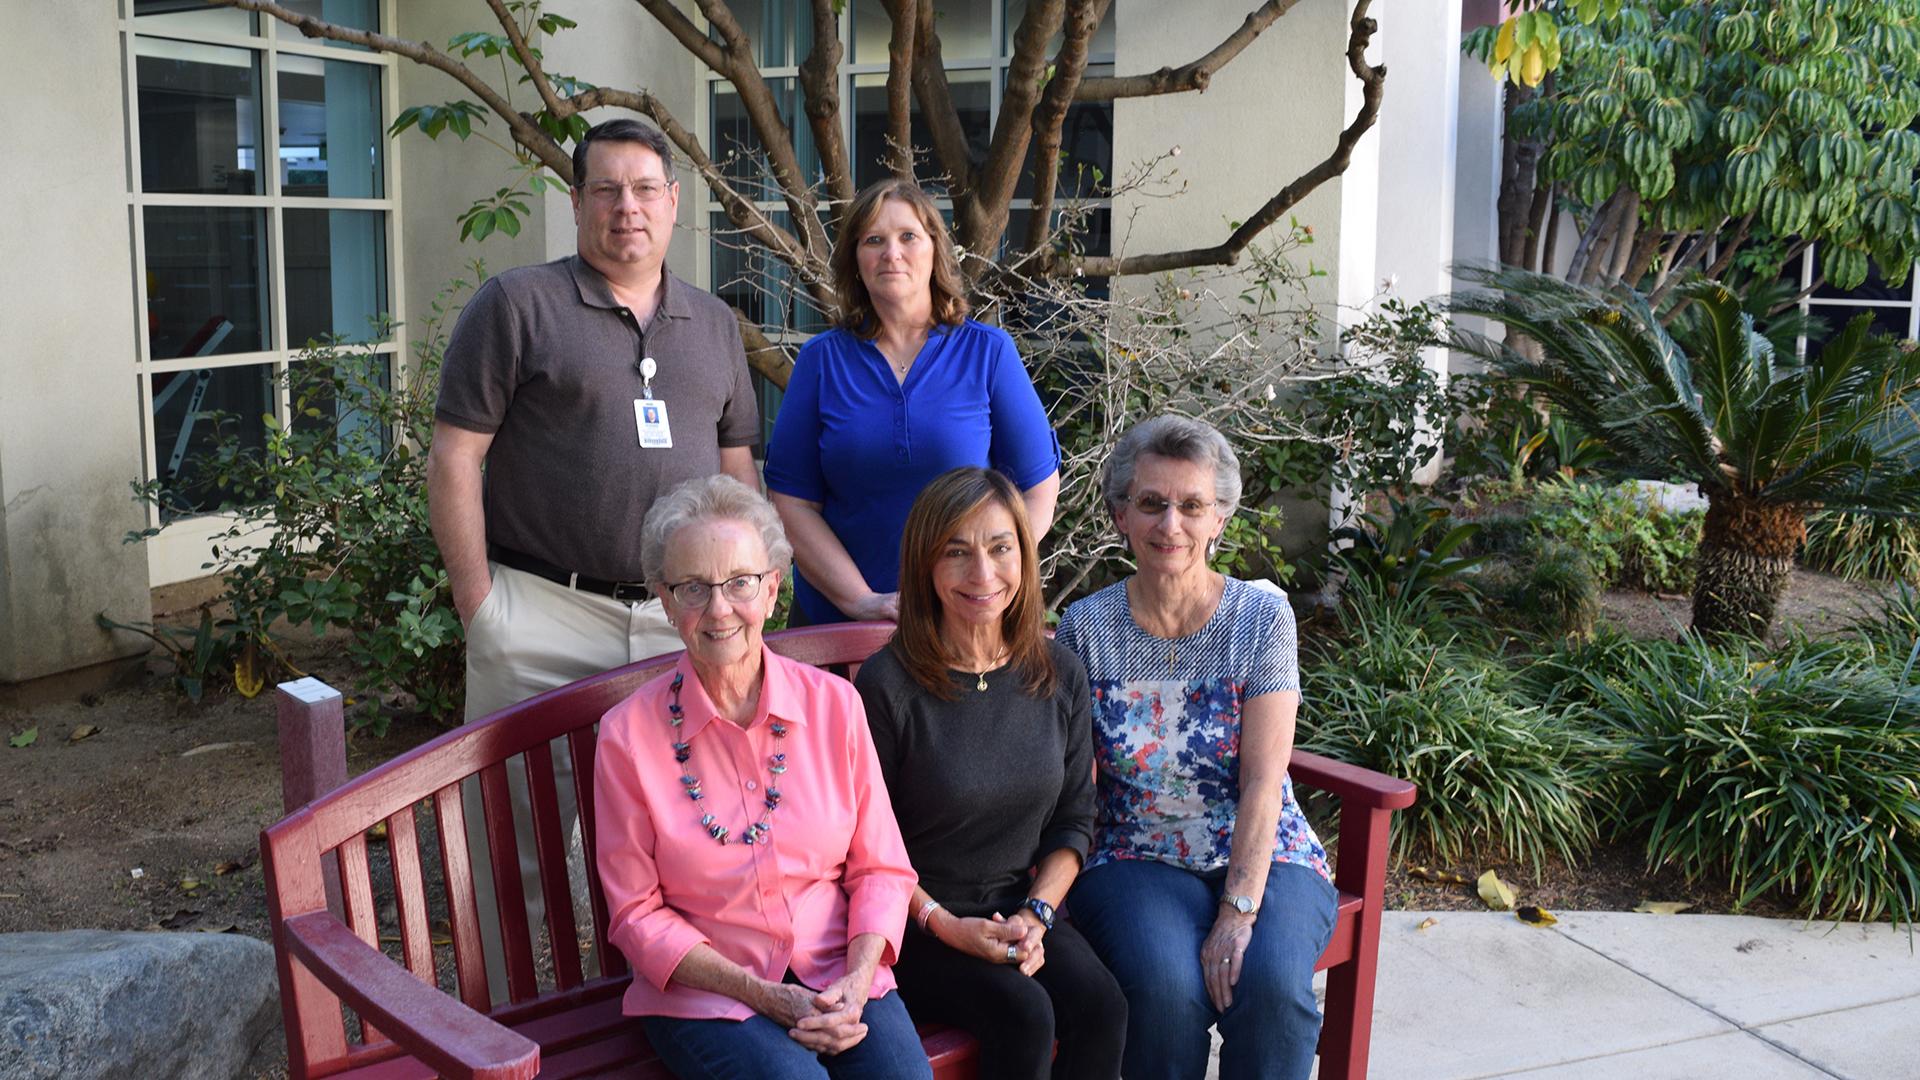 SAPC original members and program coordinators